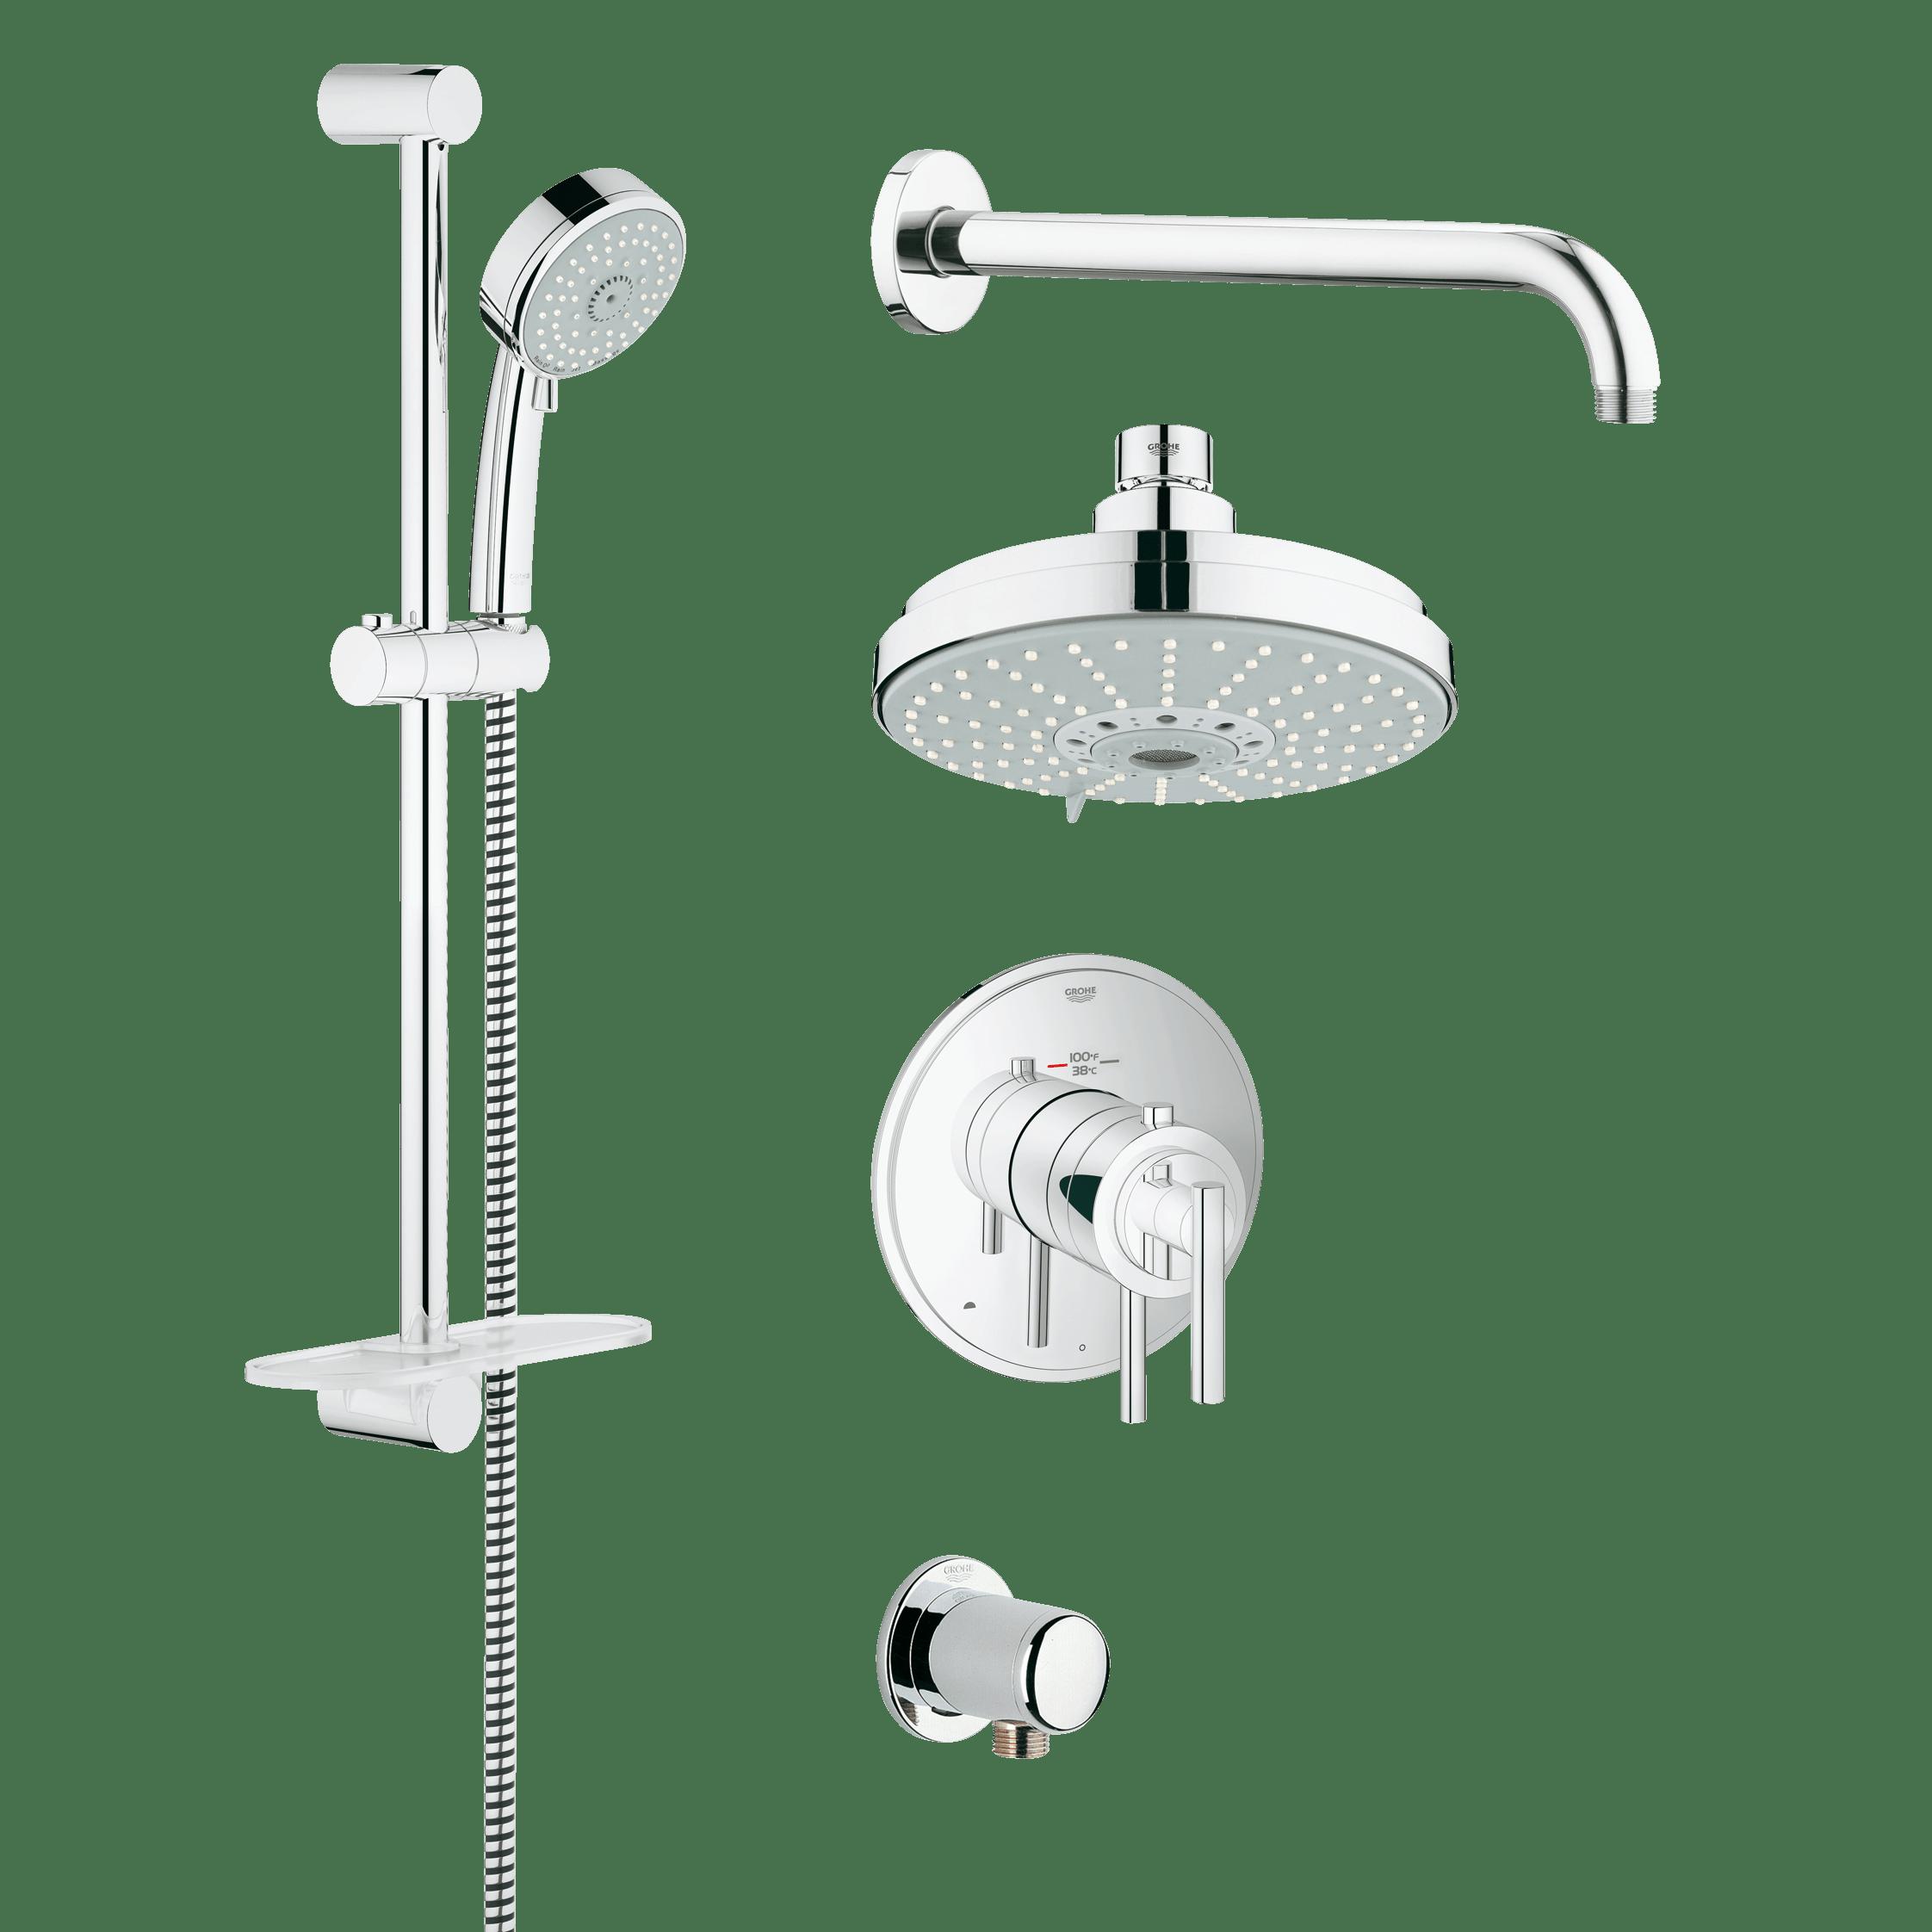 Grohe 35056 Grohflex Shower Set | QualityBath.com